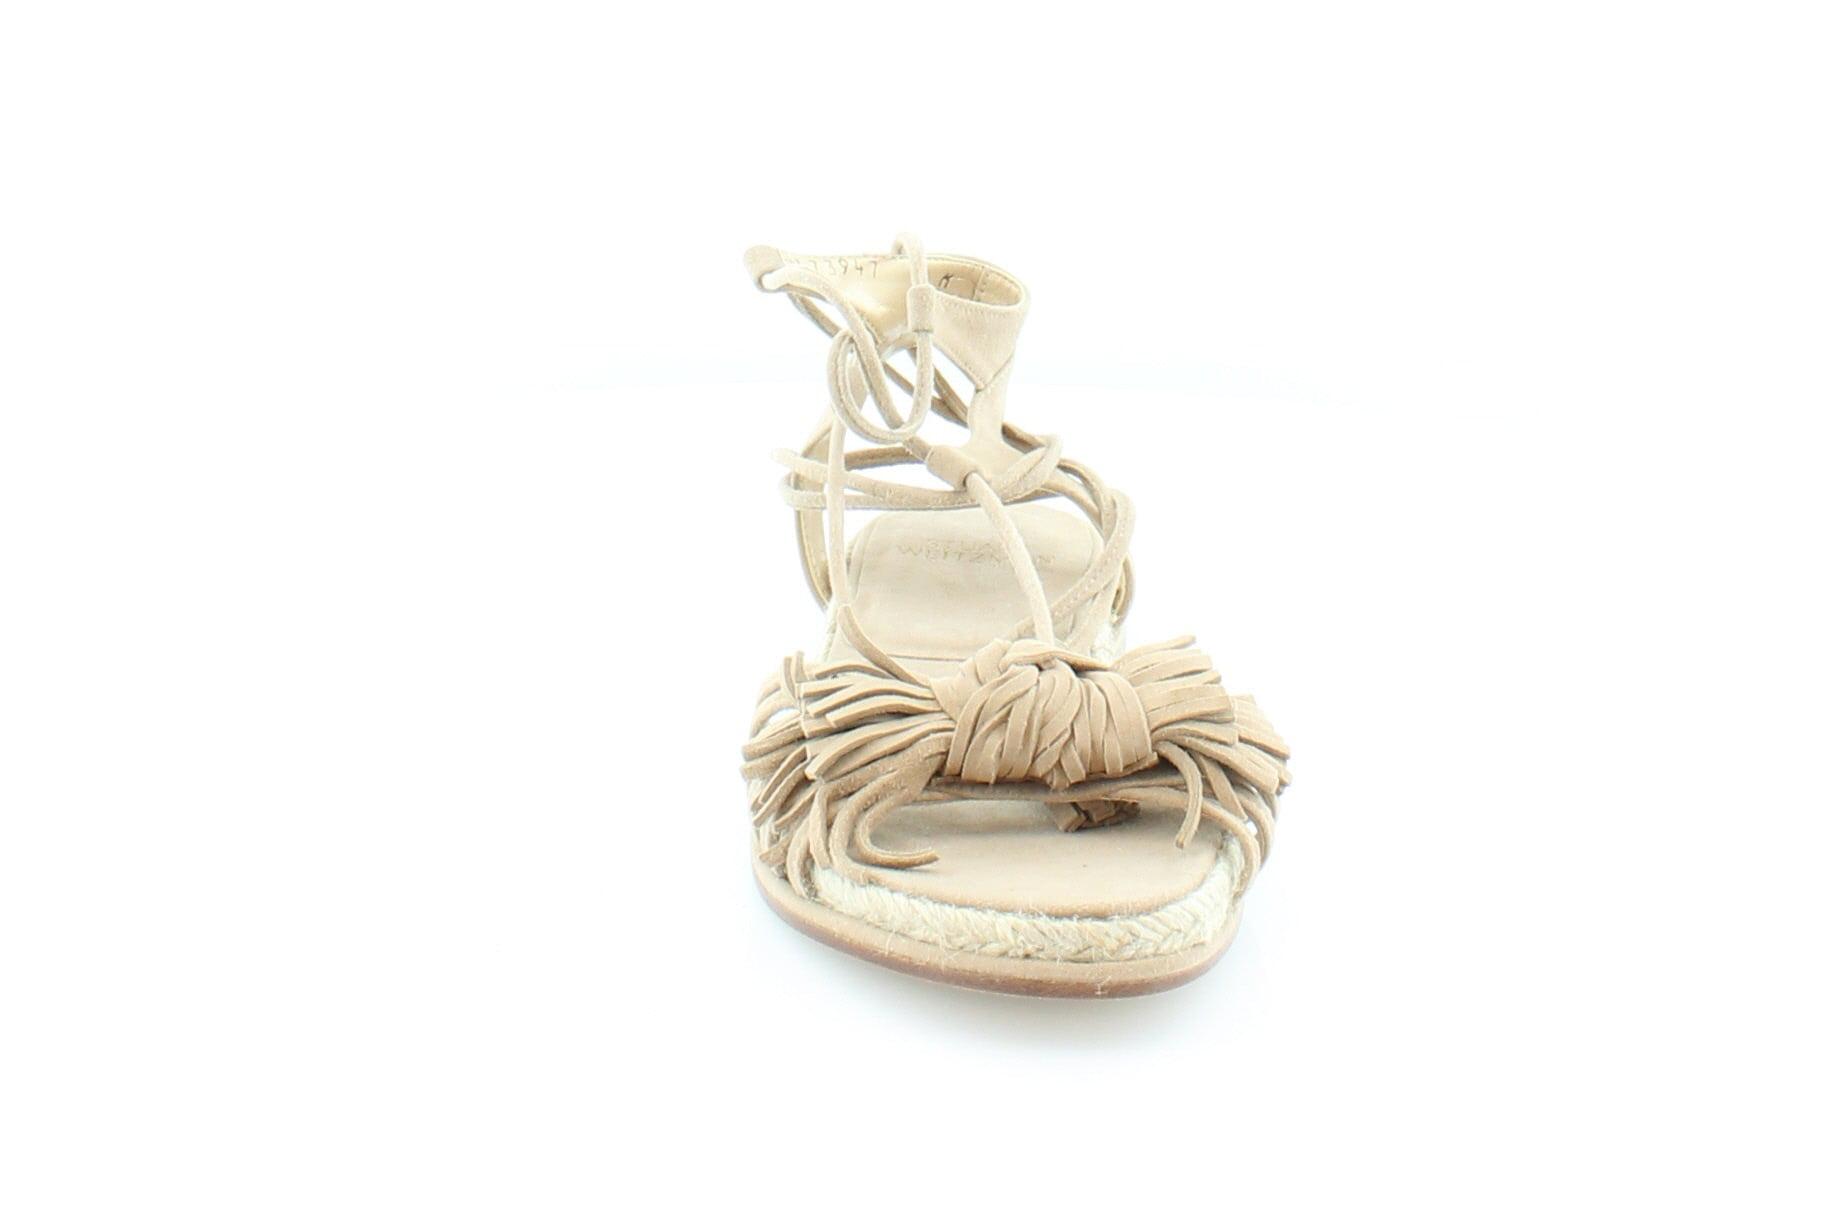 Stuart Weitzman Flowerpot & Women's Sandals & Flowerpot Flip Flops 3a9969